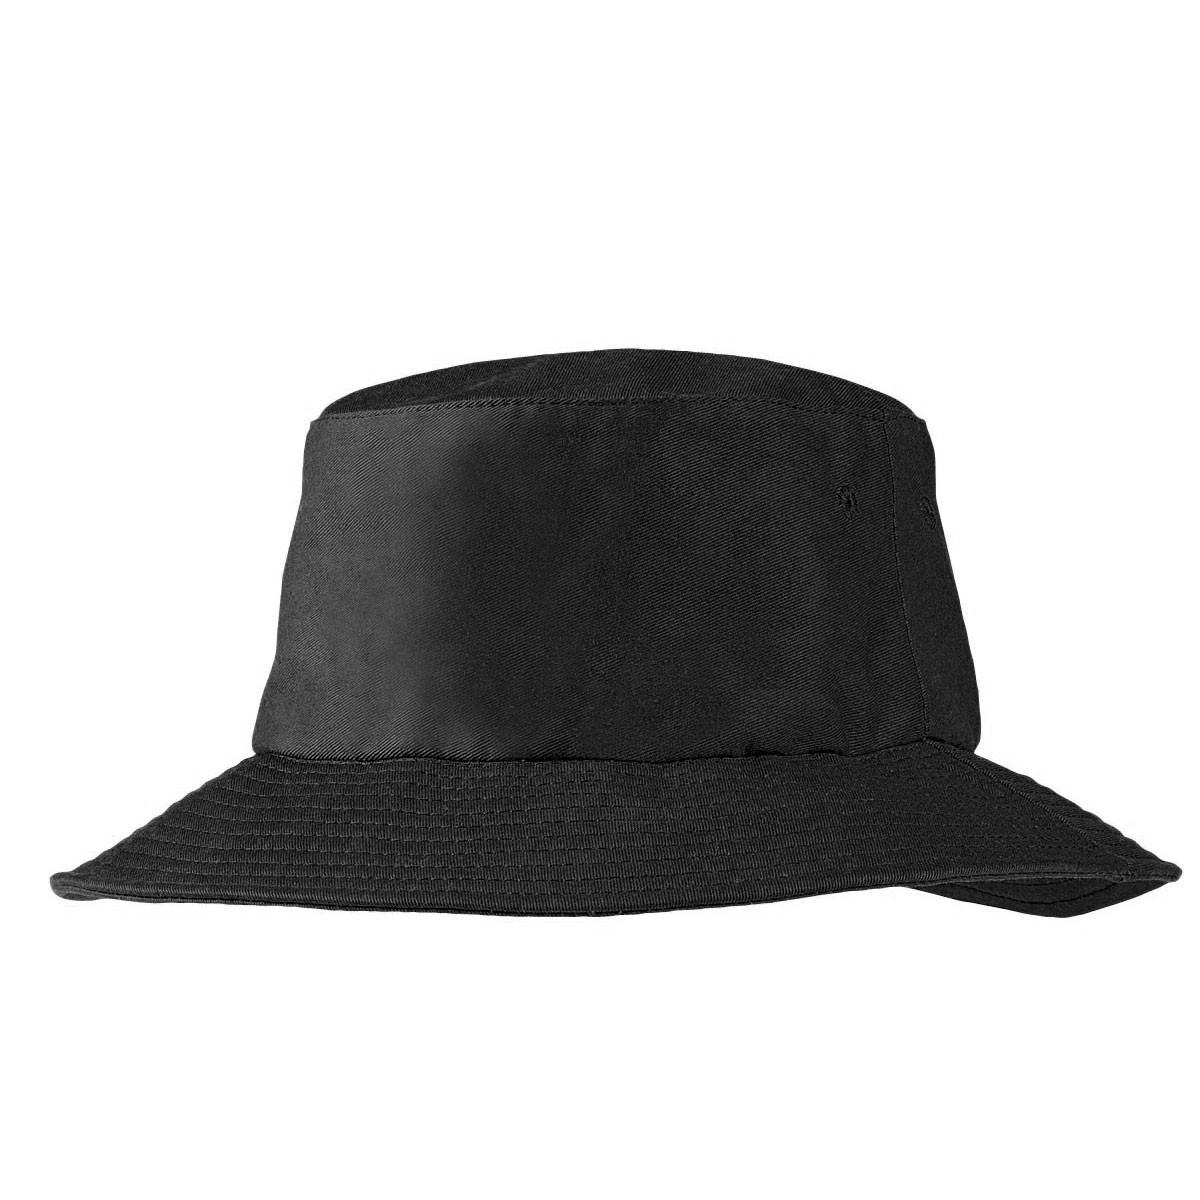 school bucket hats  65adc598fb9